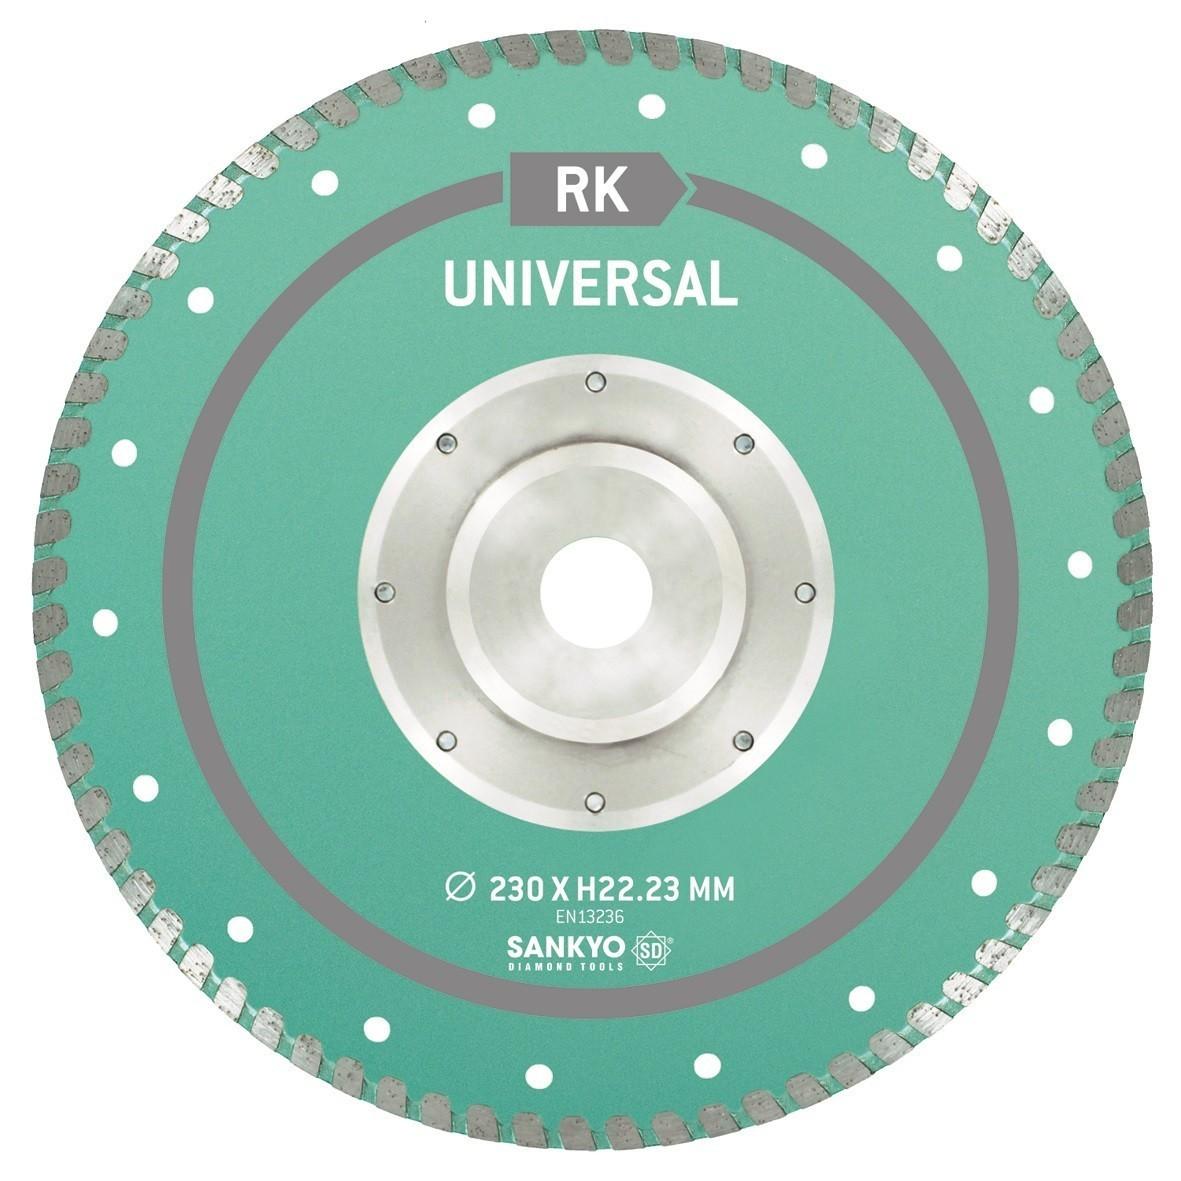 Sankyo universeel diamantzaag SU-RK-22.2flens -230